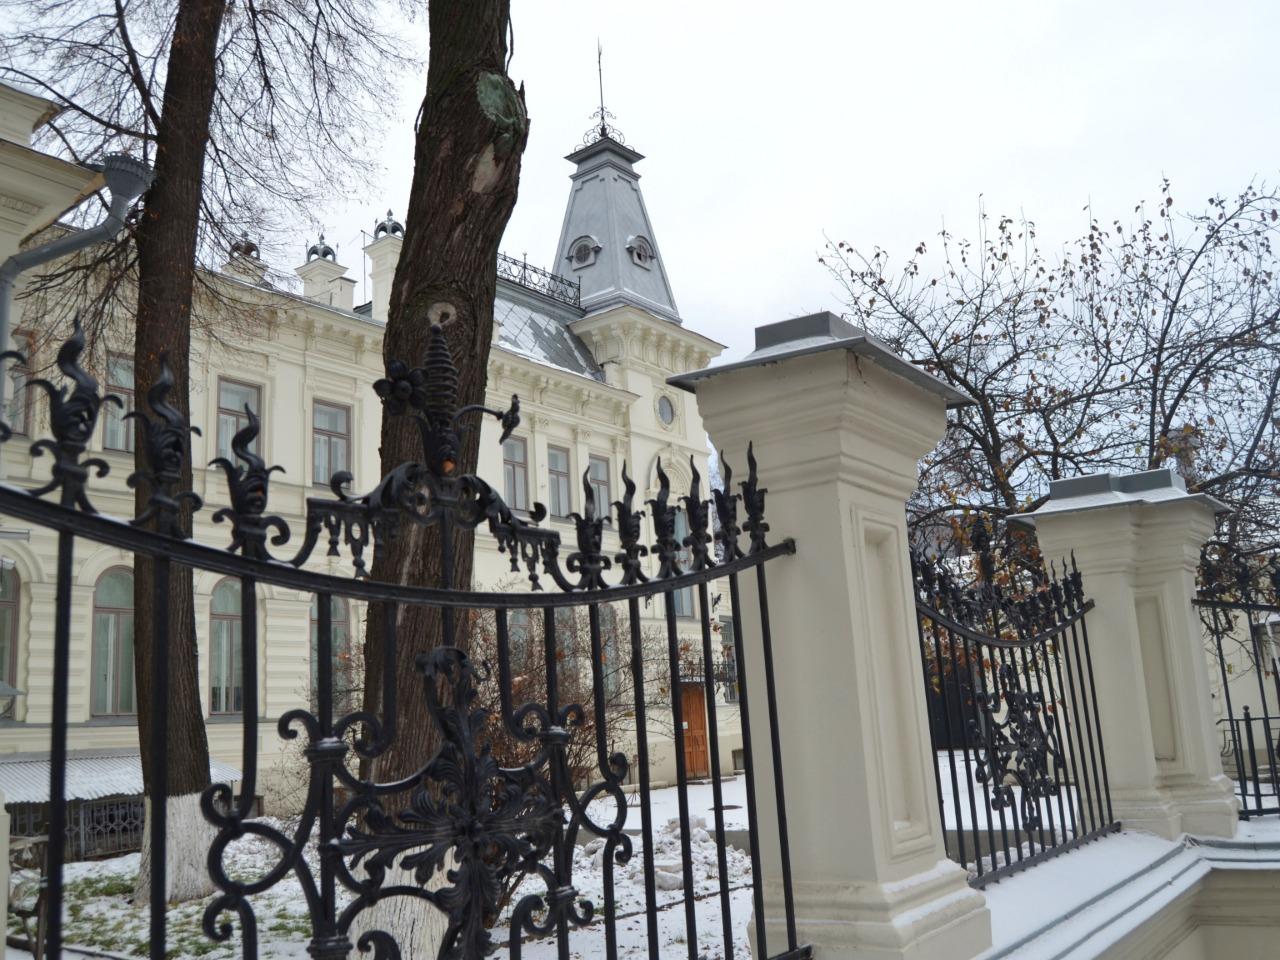 Литературная и дворянская Казань  - индивидуальная экскурсия в Казани от опытного гида